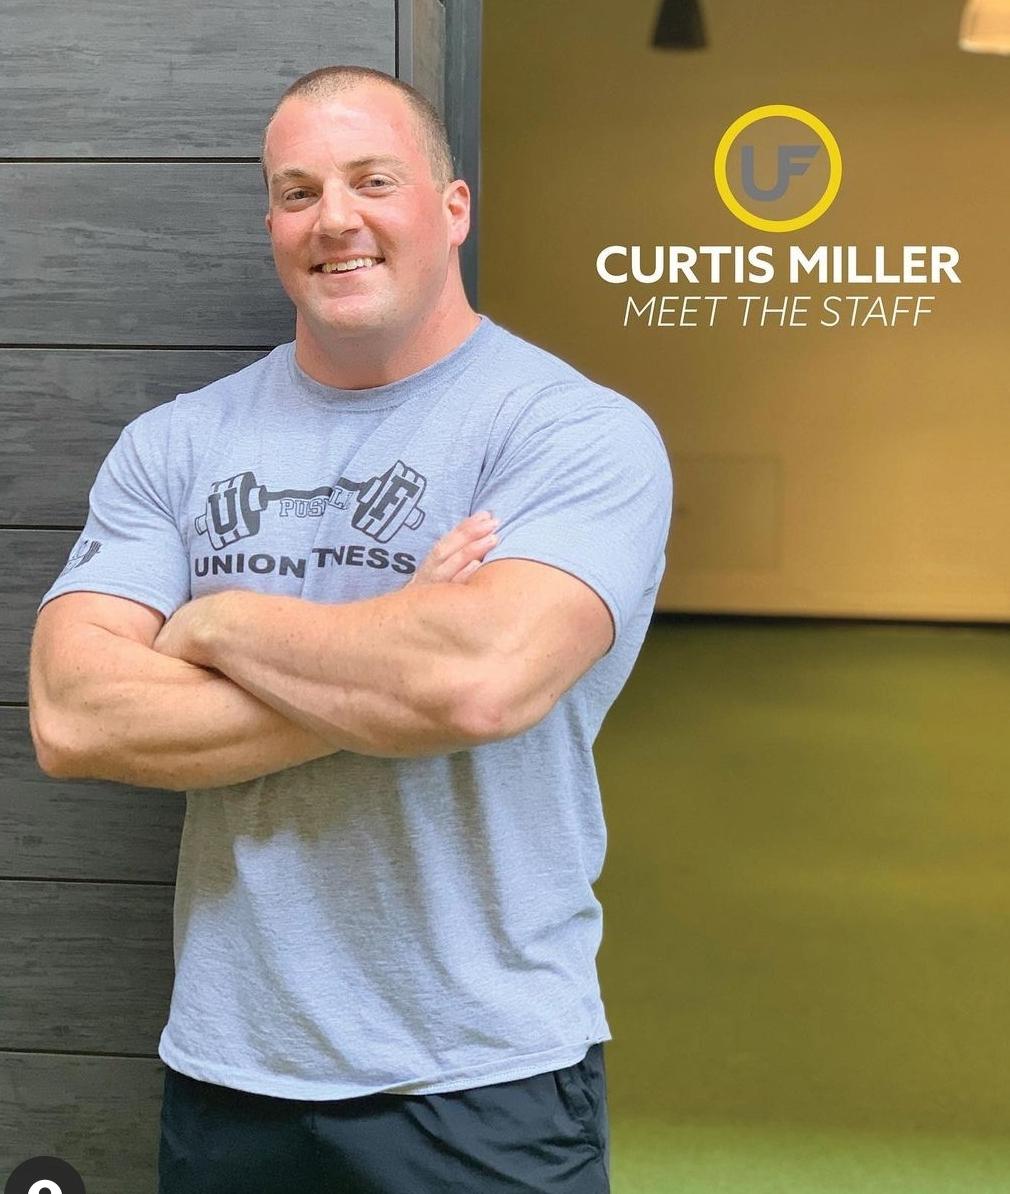 Curtis Miller